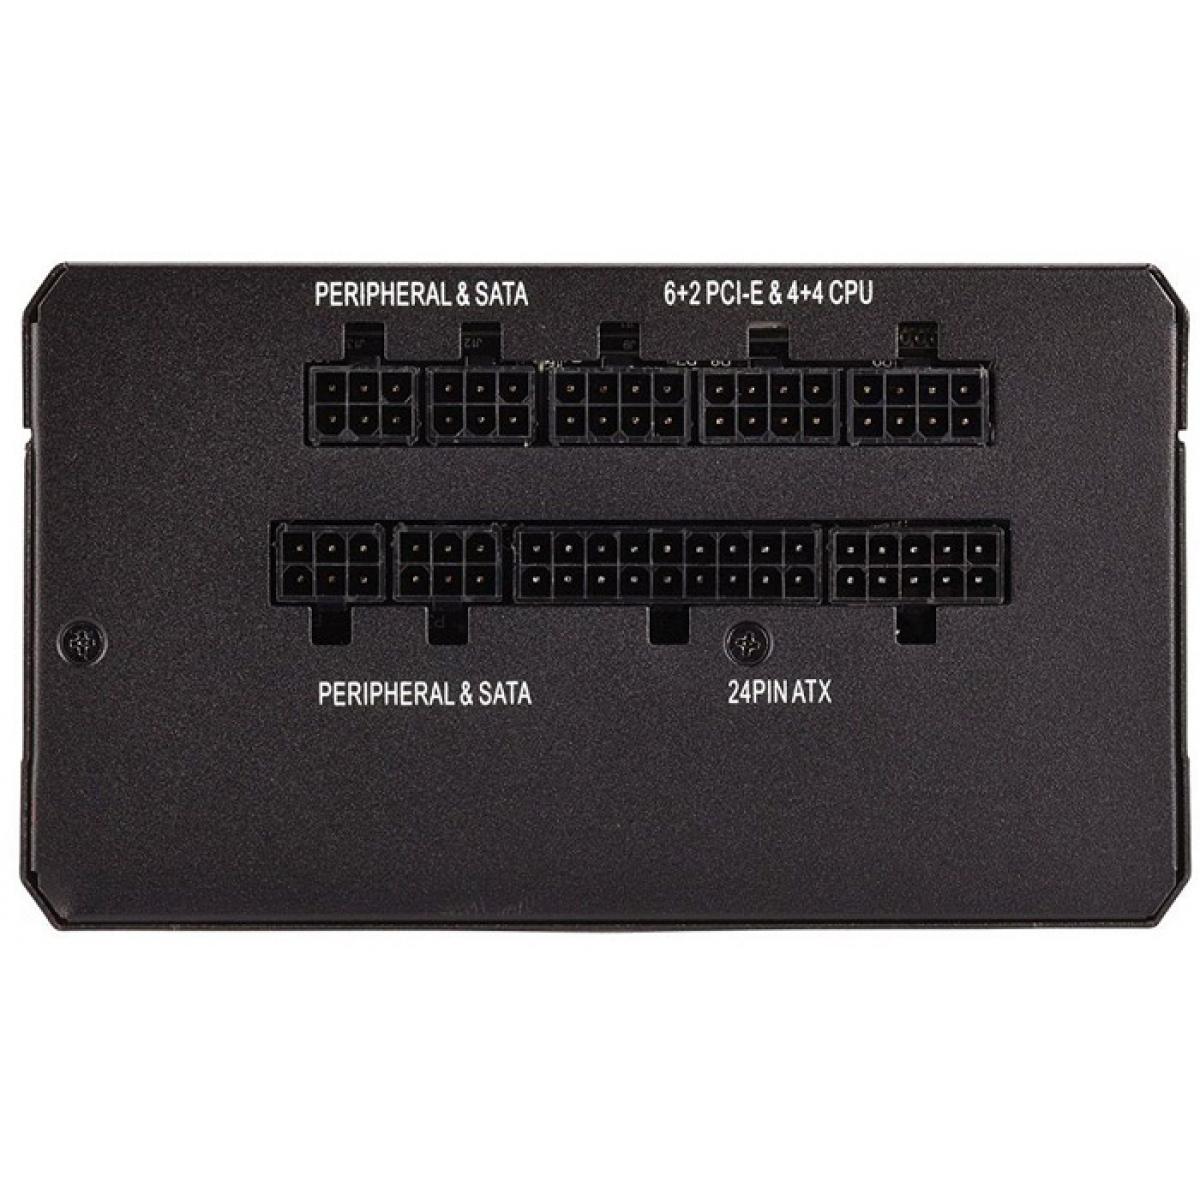 Fonte Corsair RM750X 750W, 80 Plus, Gold Modular, PFC Ativo, CP-9020179-WW